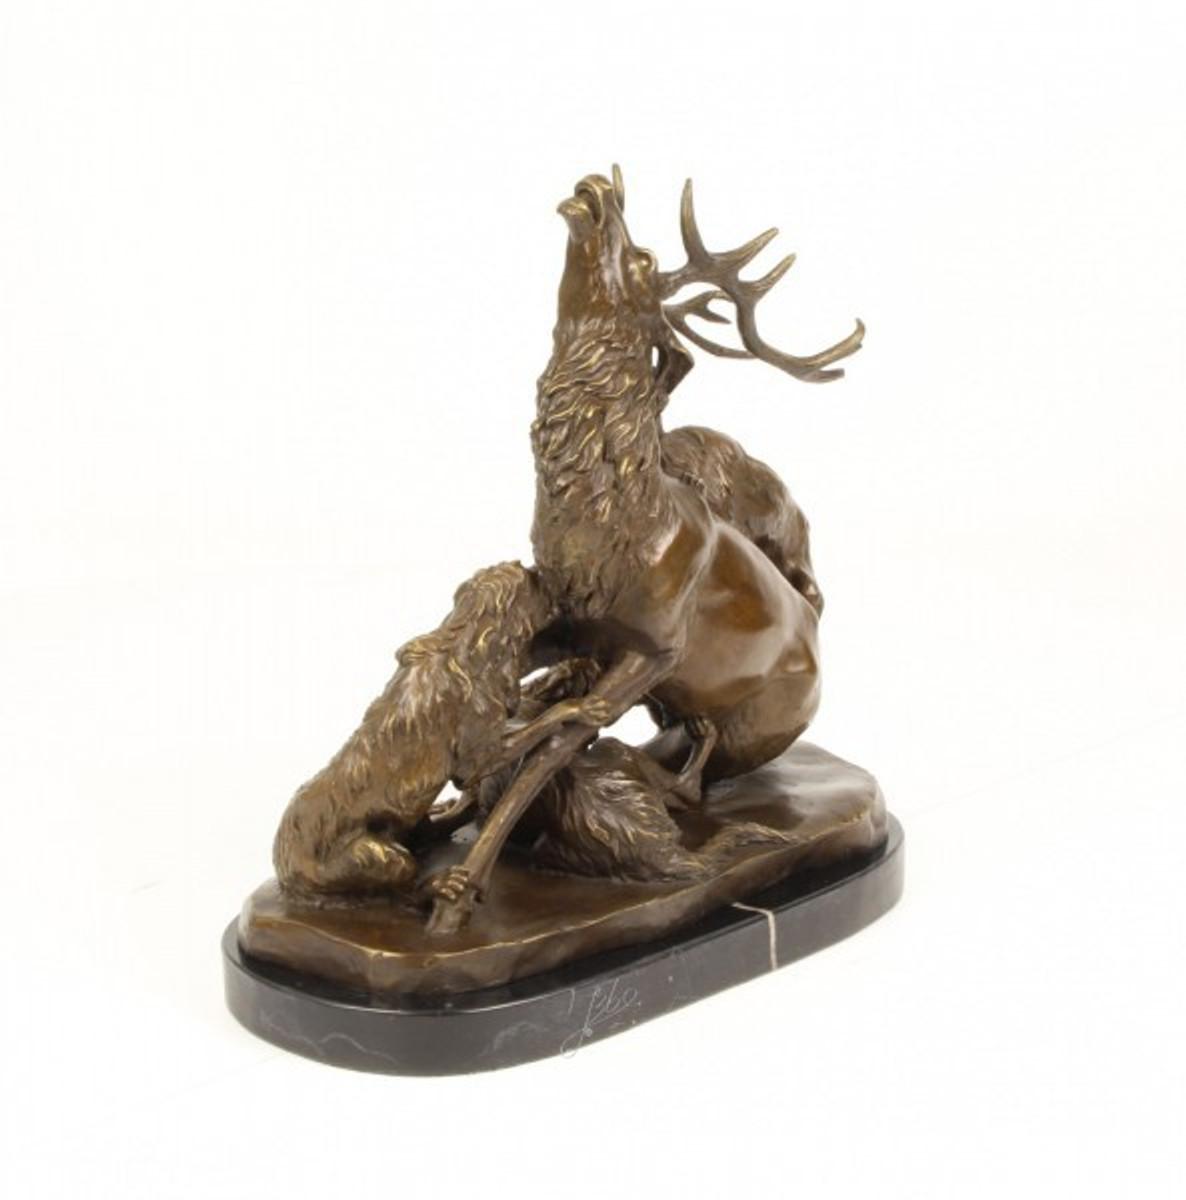 Bronze Skulptur Jagd zeigt einen Hirsch im Kampf mit Hunden. Tolle Jägerskulptur.